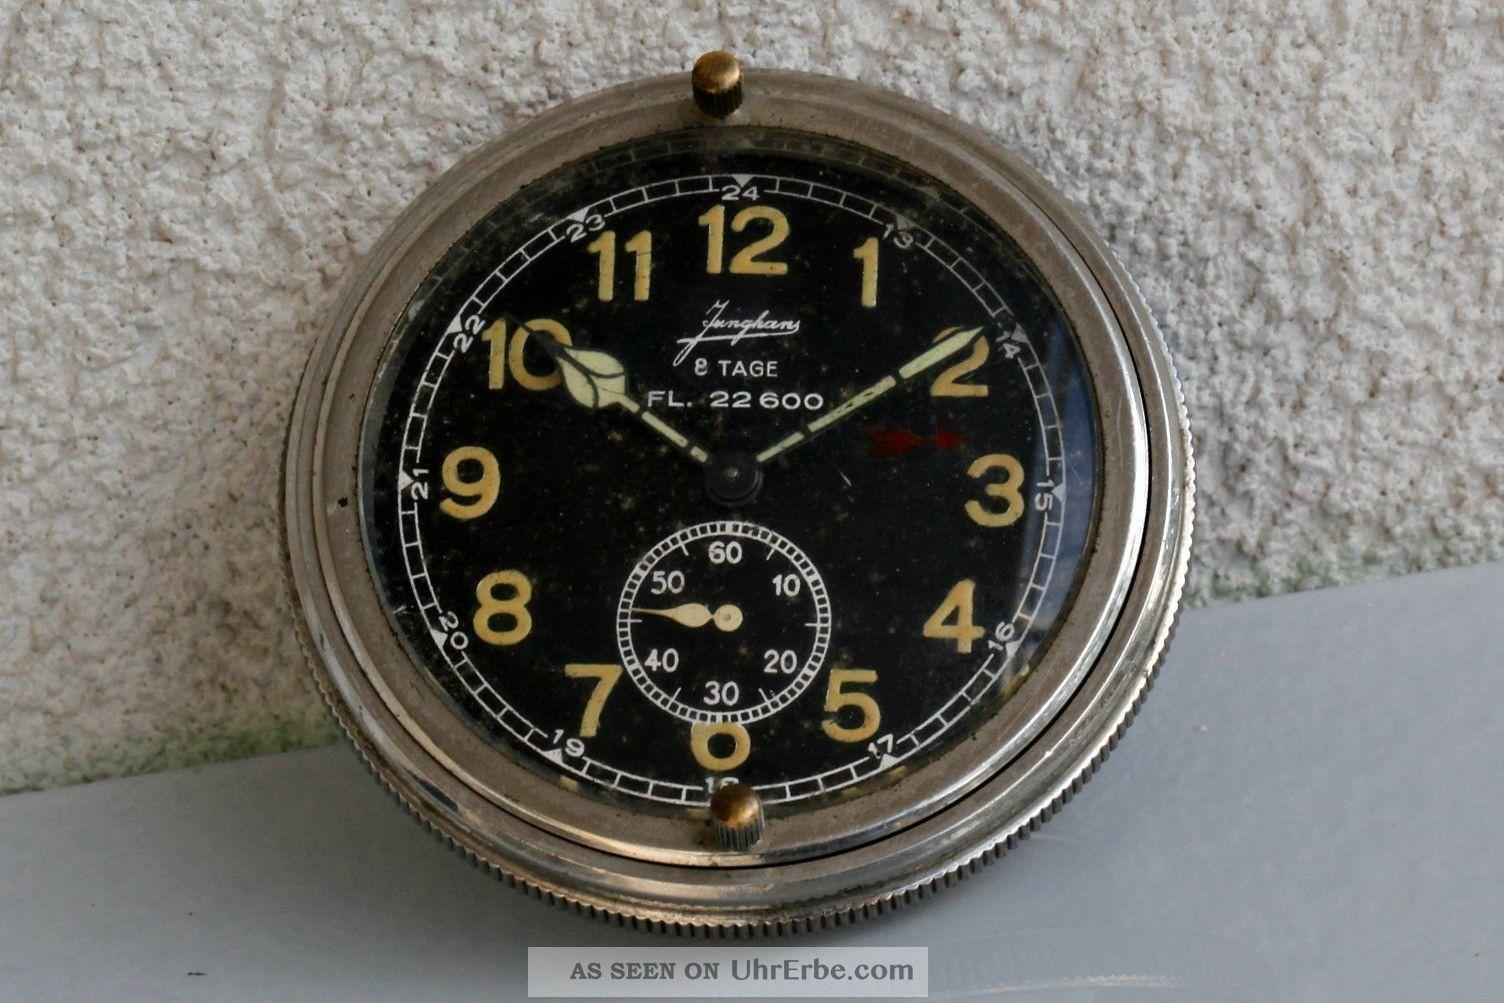 Junghans Deutsche Luftwaffenuhr / Borduhr Fl.  22600 Mit Acht Tage Werk - 2.  Wk. Armbanduhren Bild